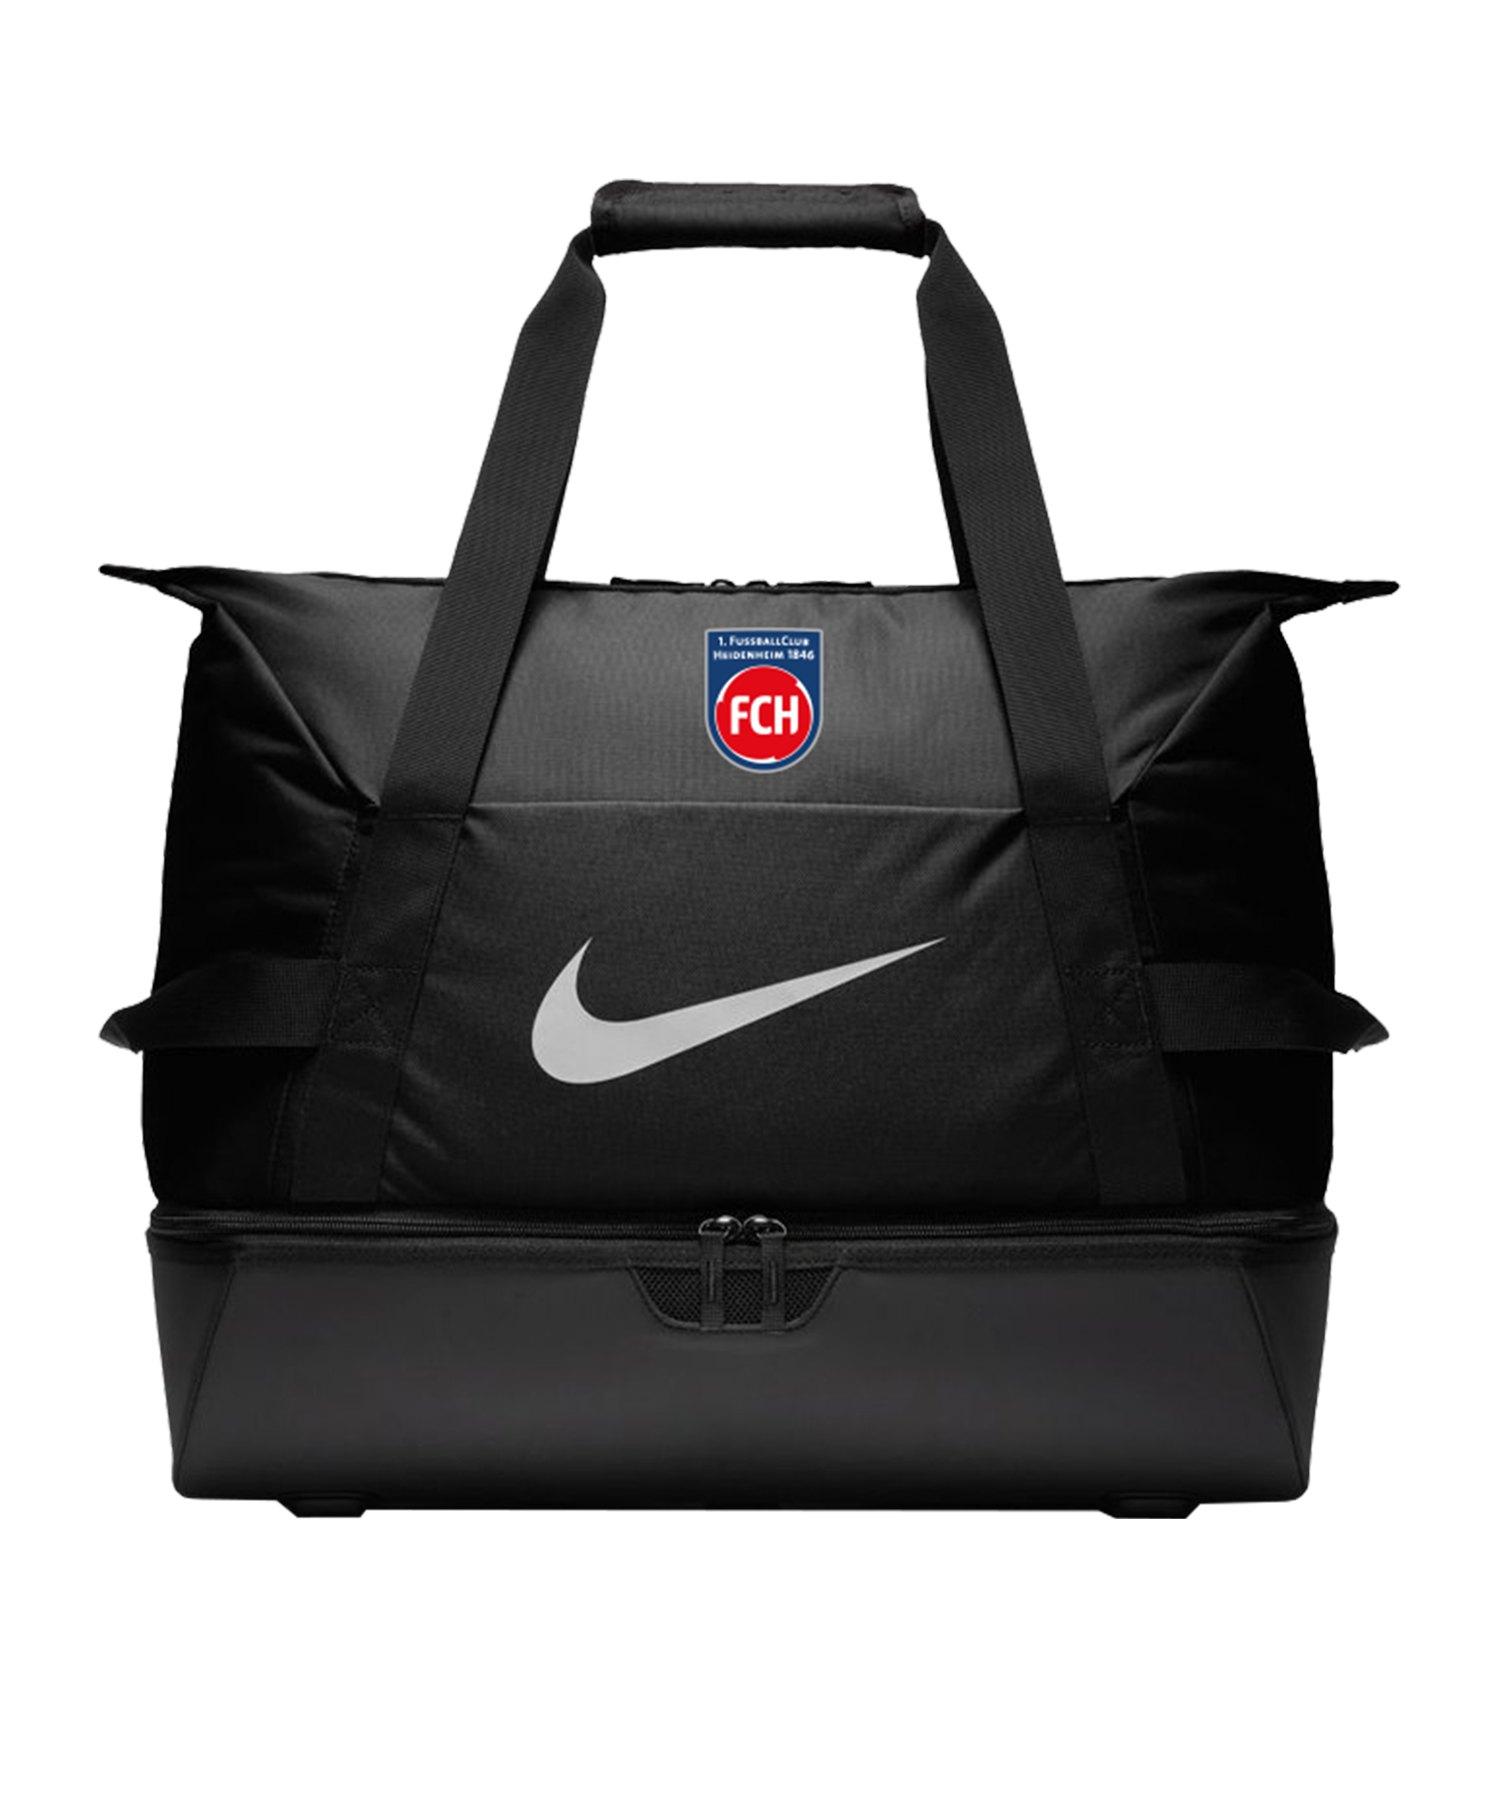 Nike 1. FC Heidenheim Sporttasche Large Schwarz F010 - schwarz